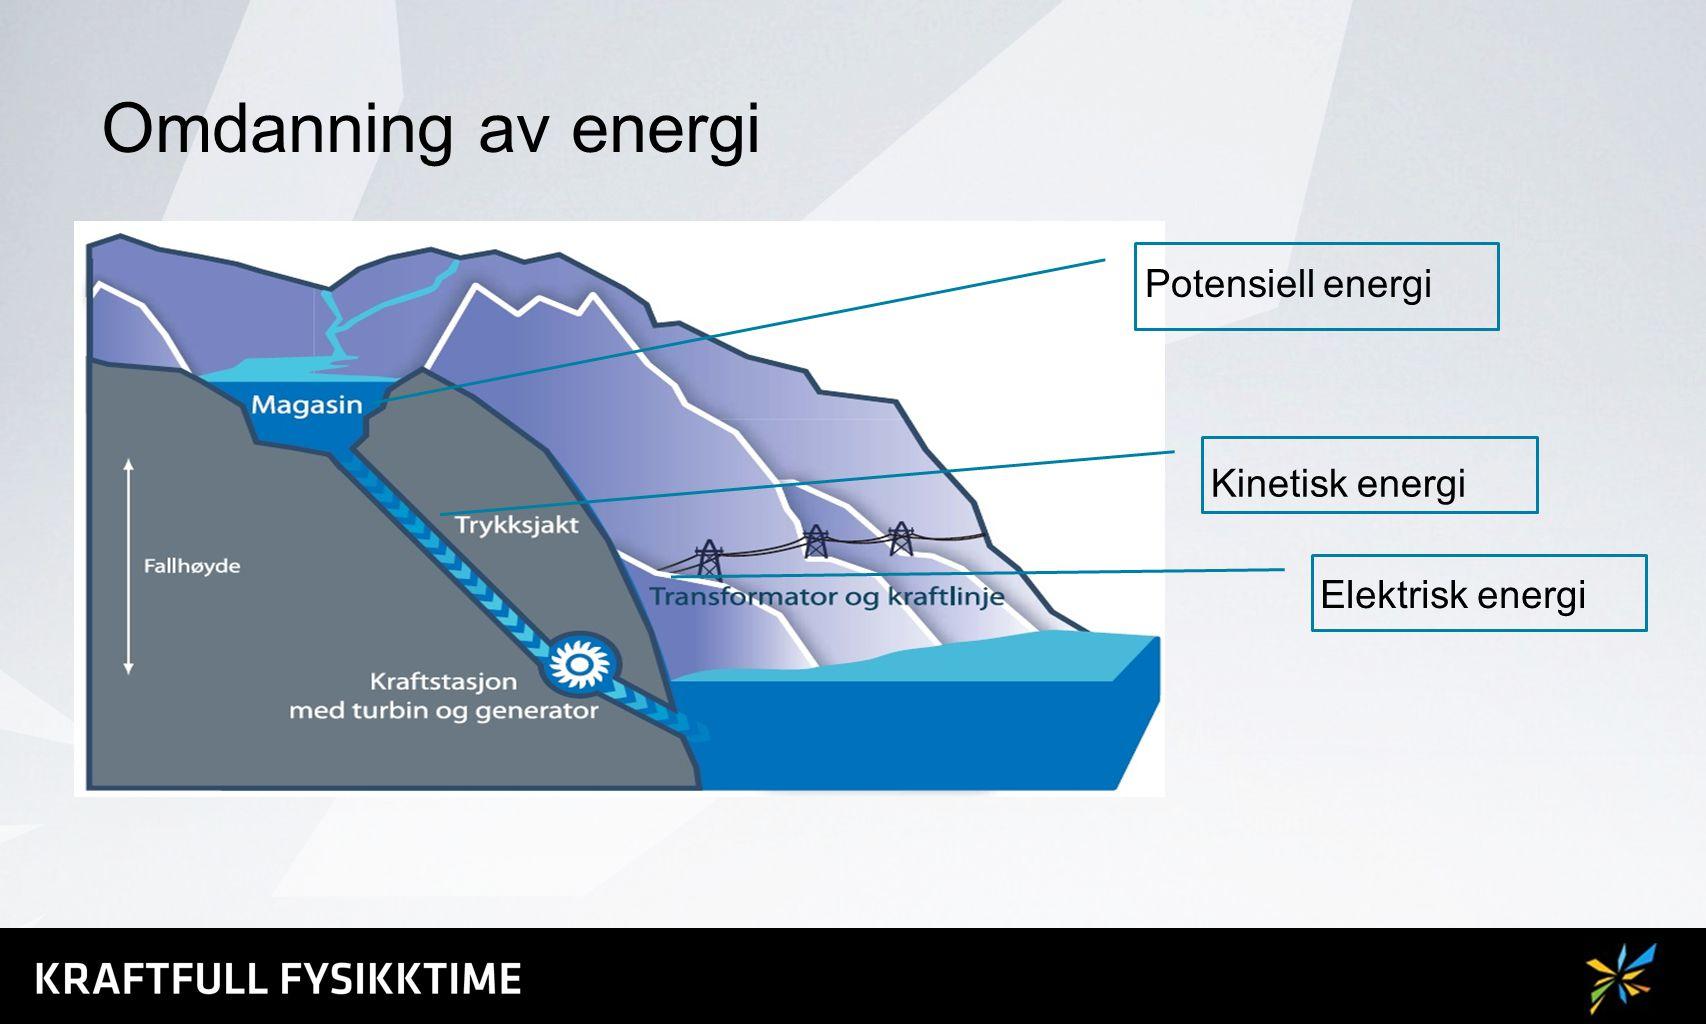 Storglomvatnet a) Finn volumet av vannet som er tilgjengelig for kraftproduksjon b) Hvor mye potensiell energi er lagret i denne vannmengden.